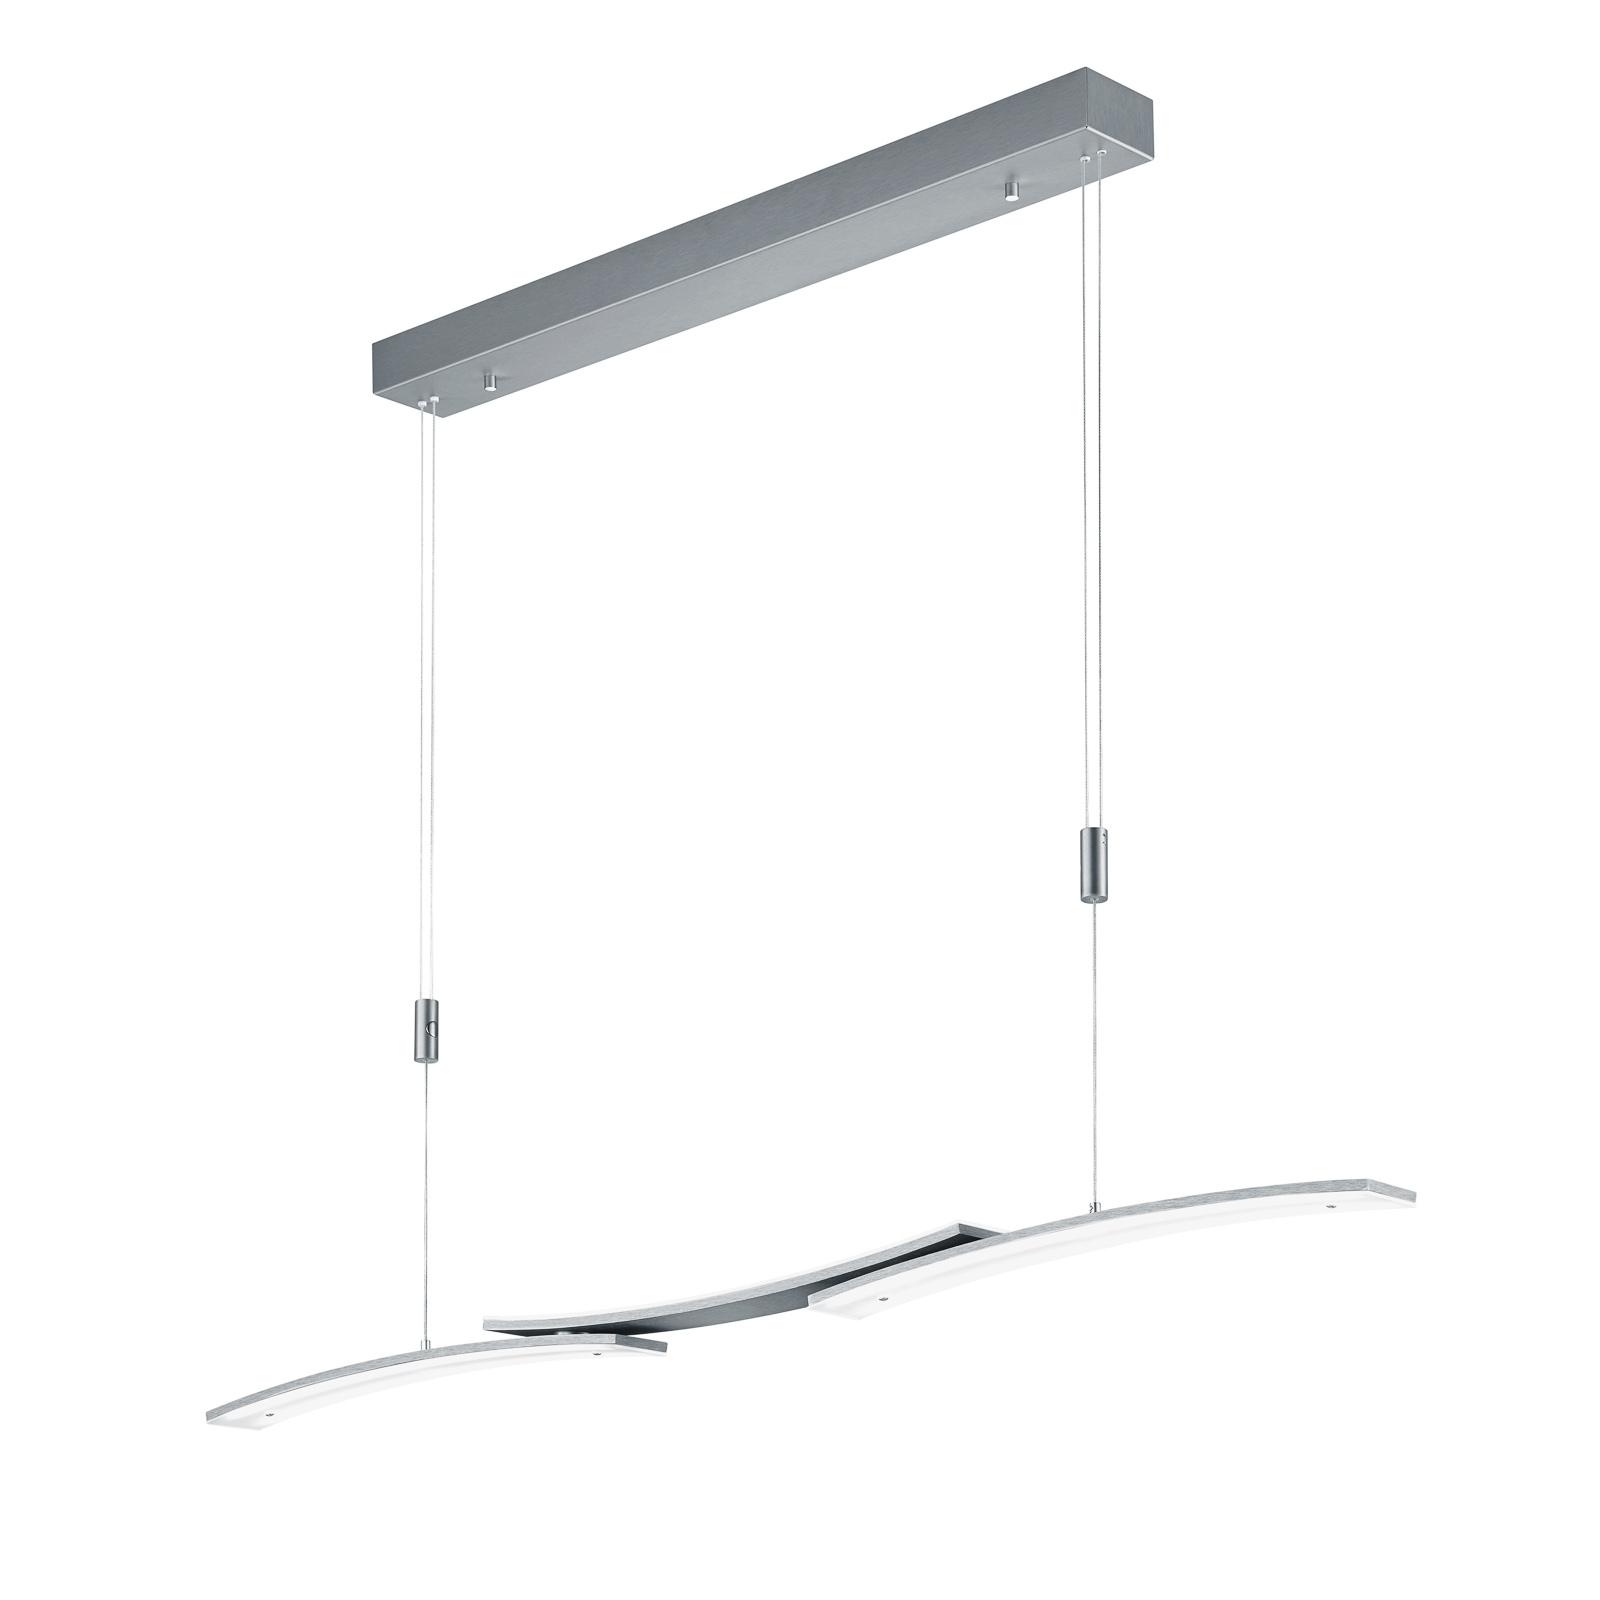 BANKAMP 2138/3-39 LED-Hängeleuchte, anthrazit matt